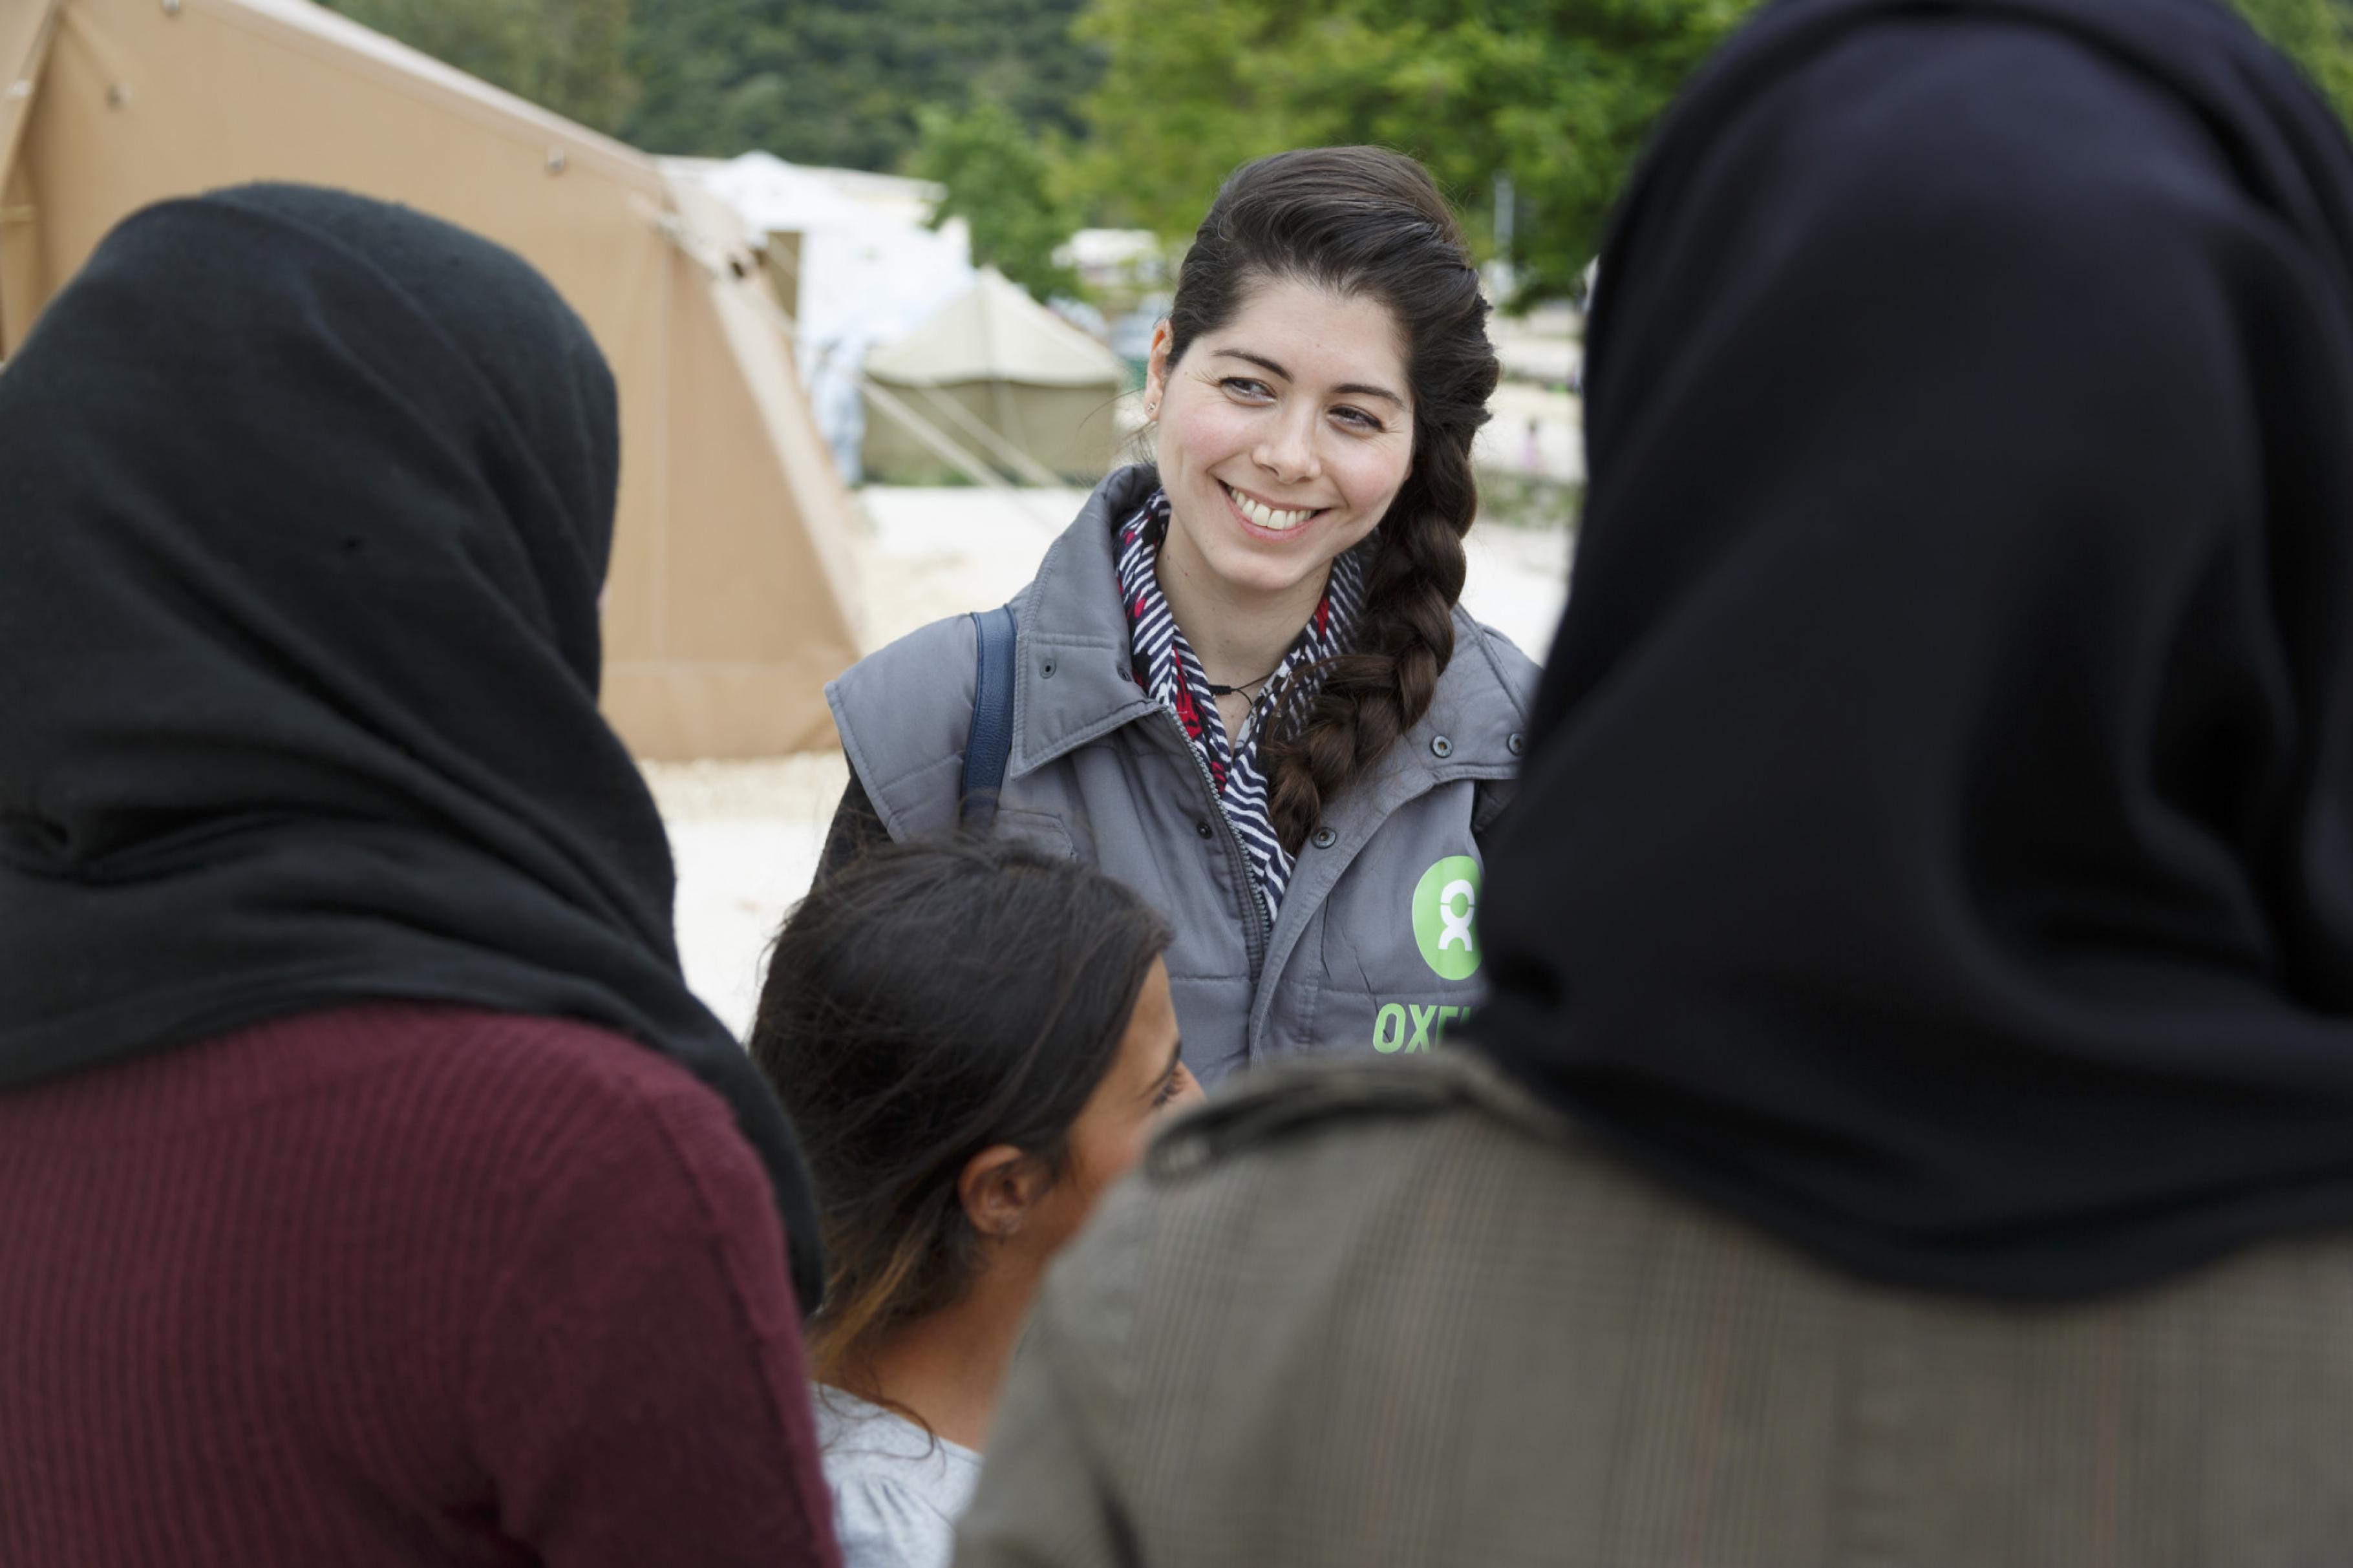 Marianna Kapelle vom Oxfam Gender & Protection Team im Gespräch mit geflüchteten Frauen